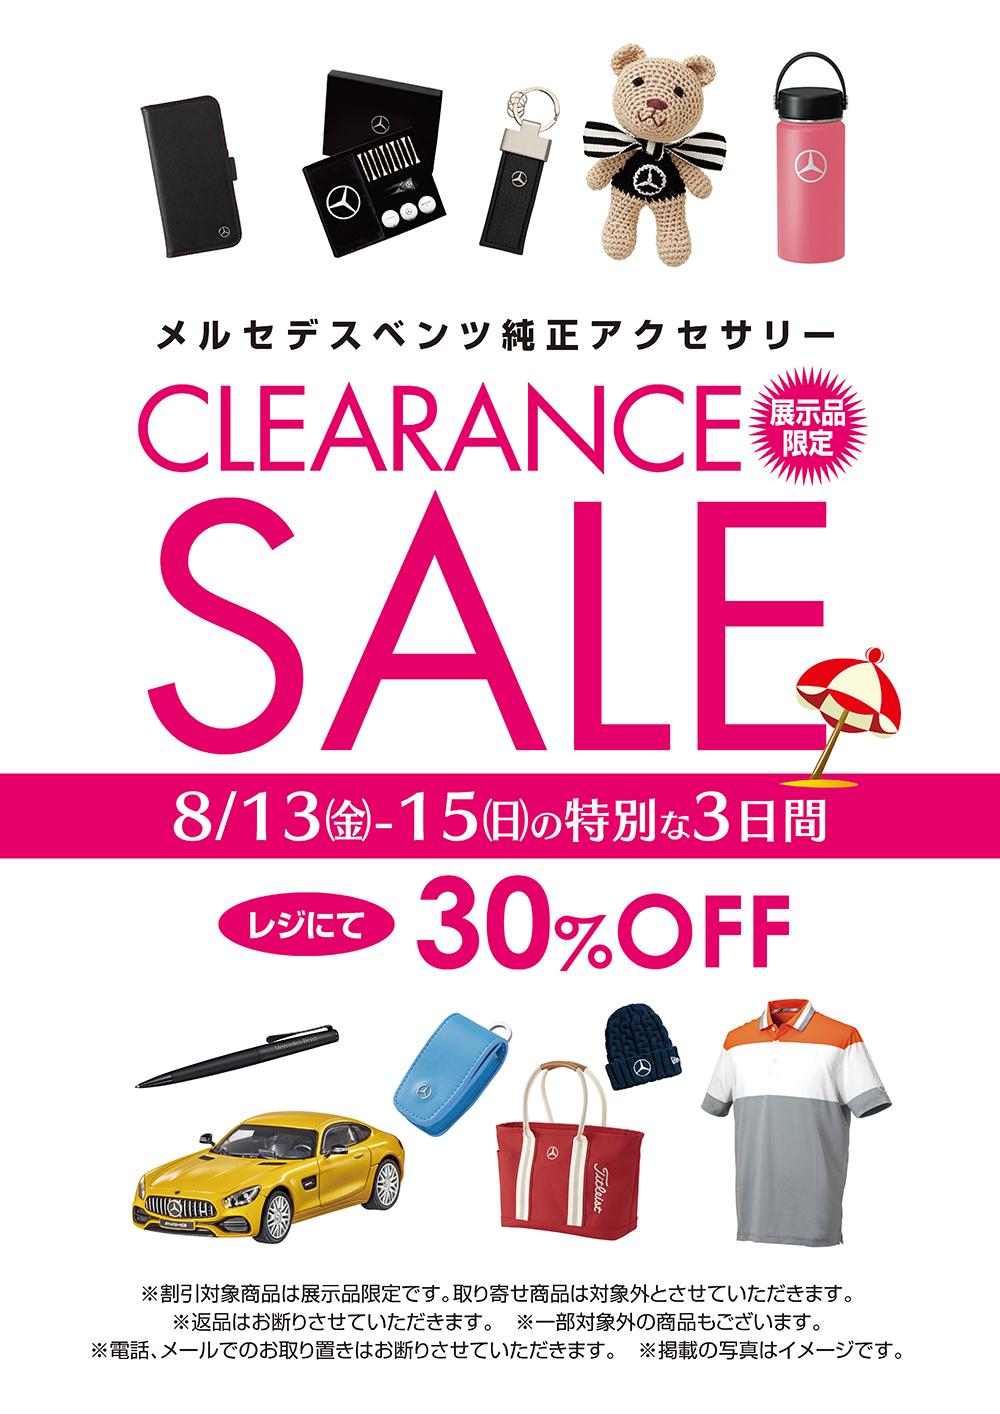 3日間限定CLEARANCE SALE